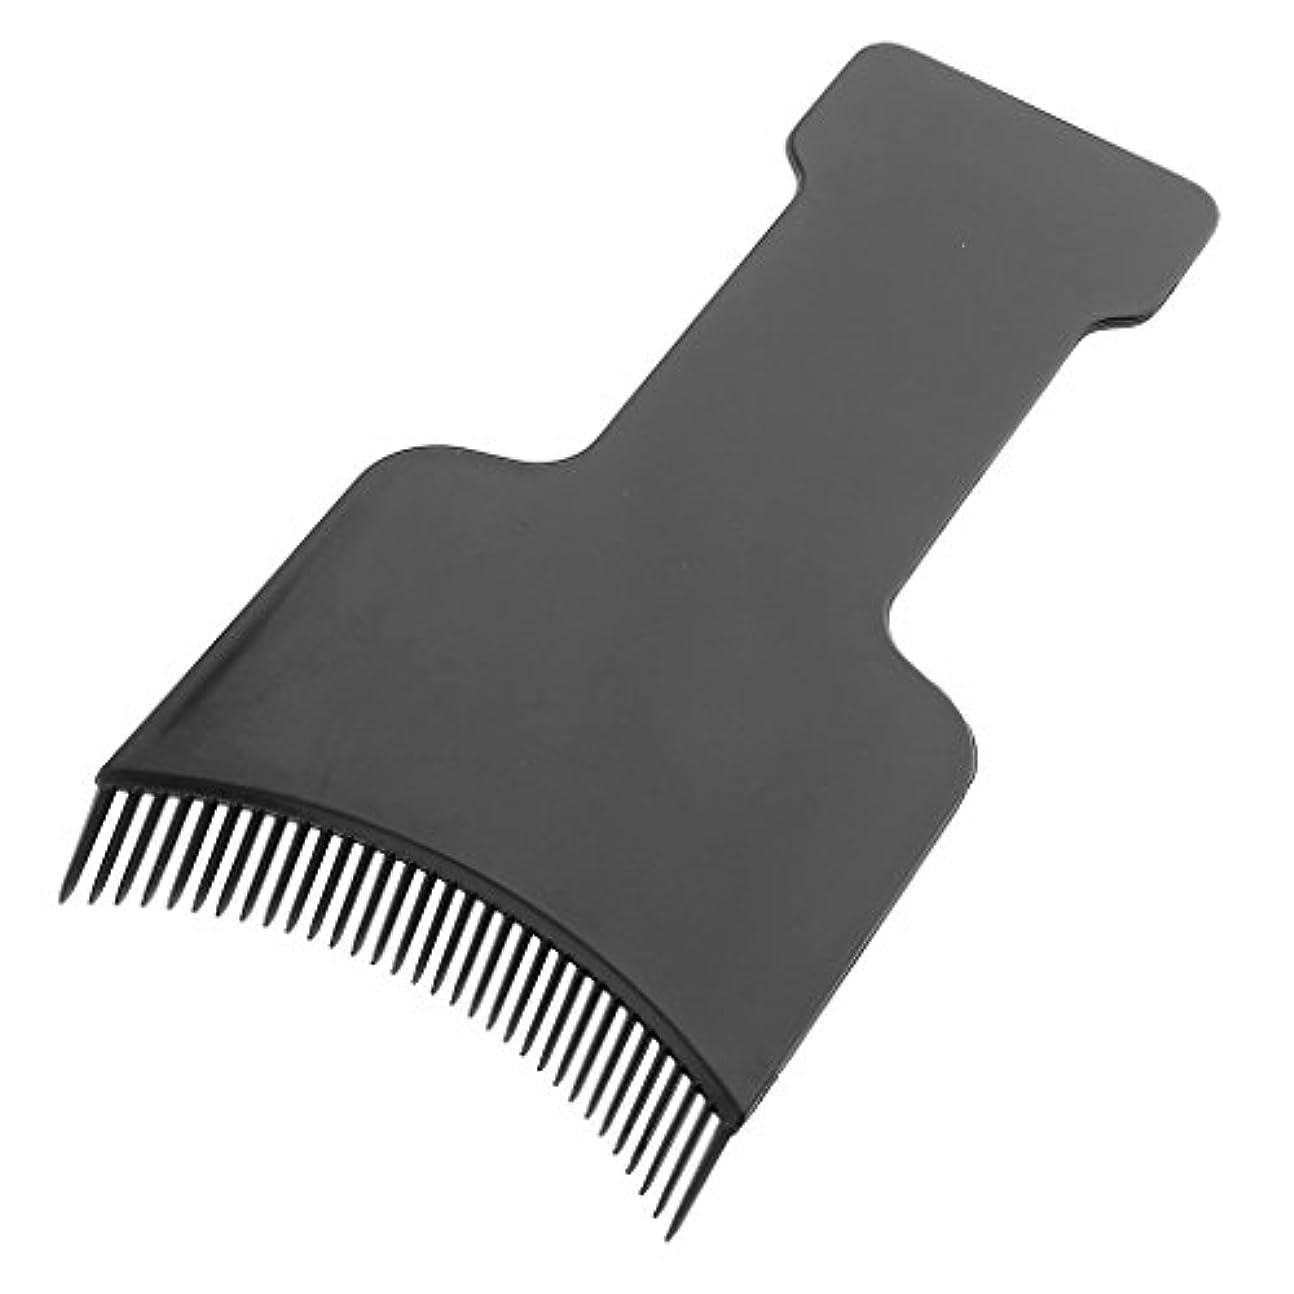 補充プランター賠償Blesiya 染色ティントプレート ヘアカラー ボード 美容 ヘア ツール 髪 保護 ブラック 実用 便利 全4サイズ  - S